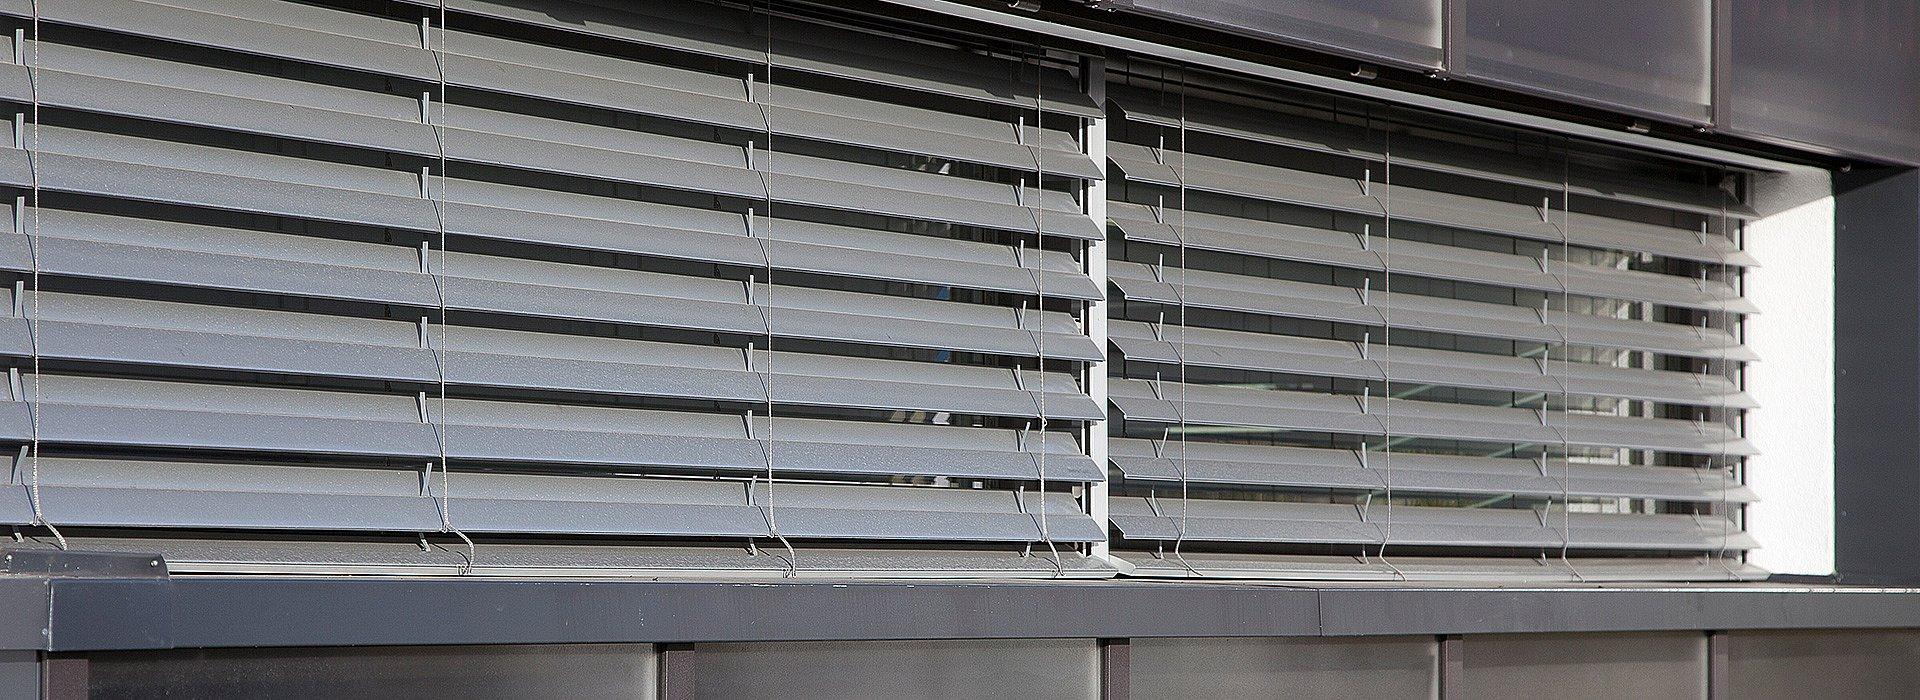 Full Size of Drutex Fenster Test Welten Sichern Gegen Einbruch Fliegengitter Trocal Jemako Neue Kosten Abdichten Dreifachverglasung Aron Preisvergleich Weru Fenster Fenster Sonnenschutz